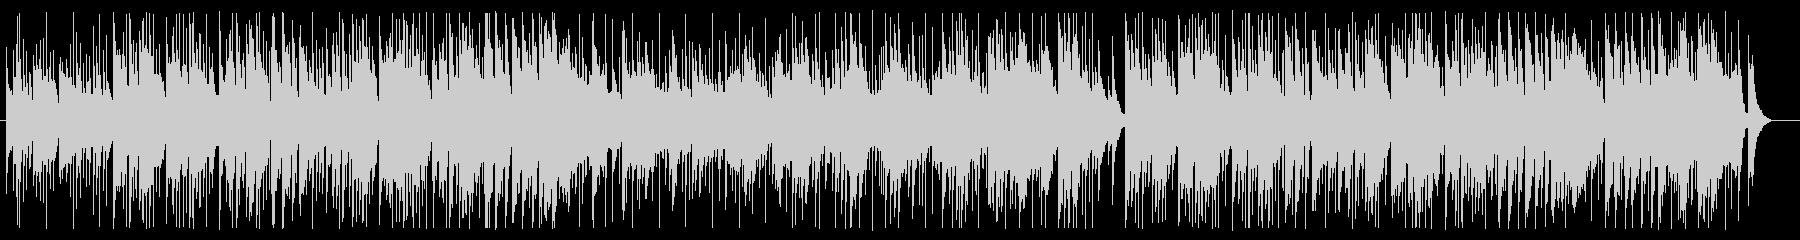 カントリー風ギターシンセサイザー曲の未再生の波形